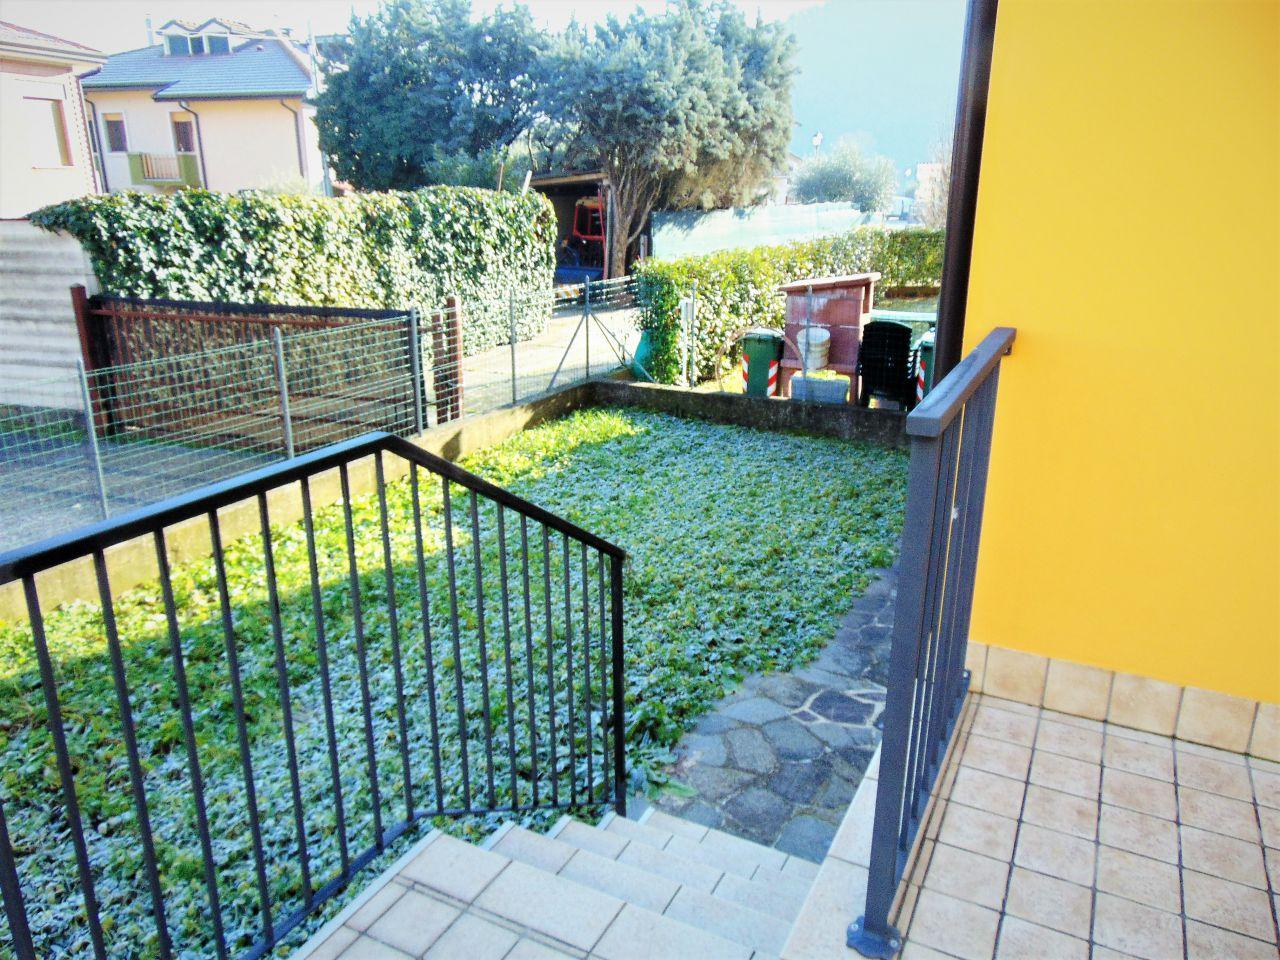 Villetta a schiera in vendita Rif. 11999268